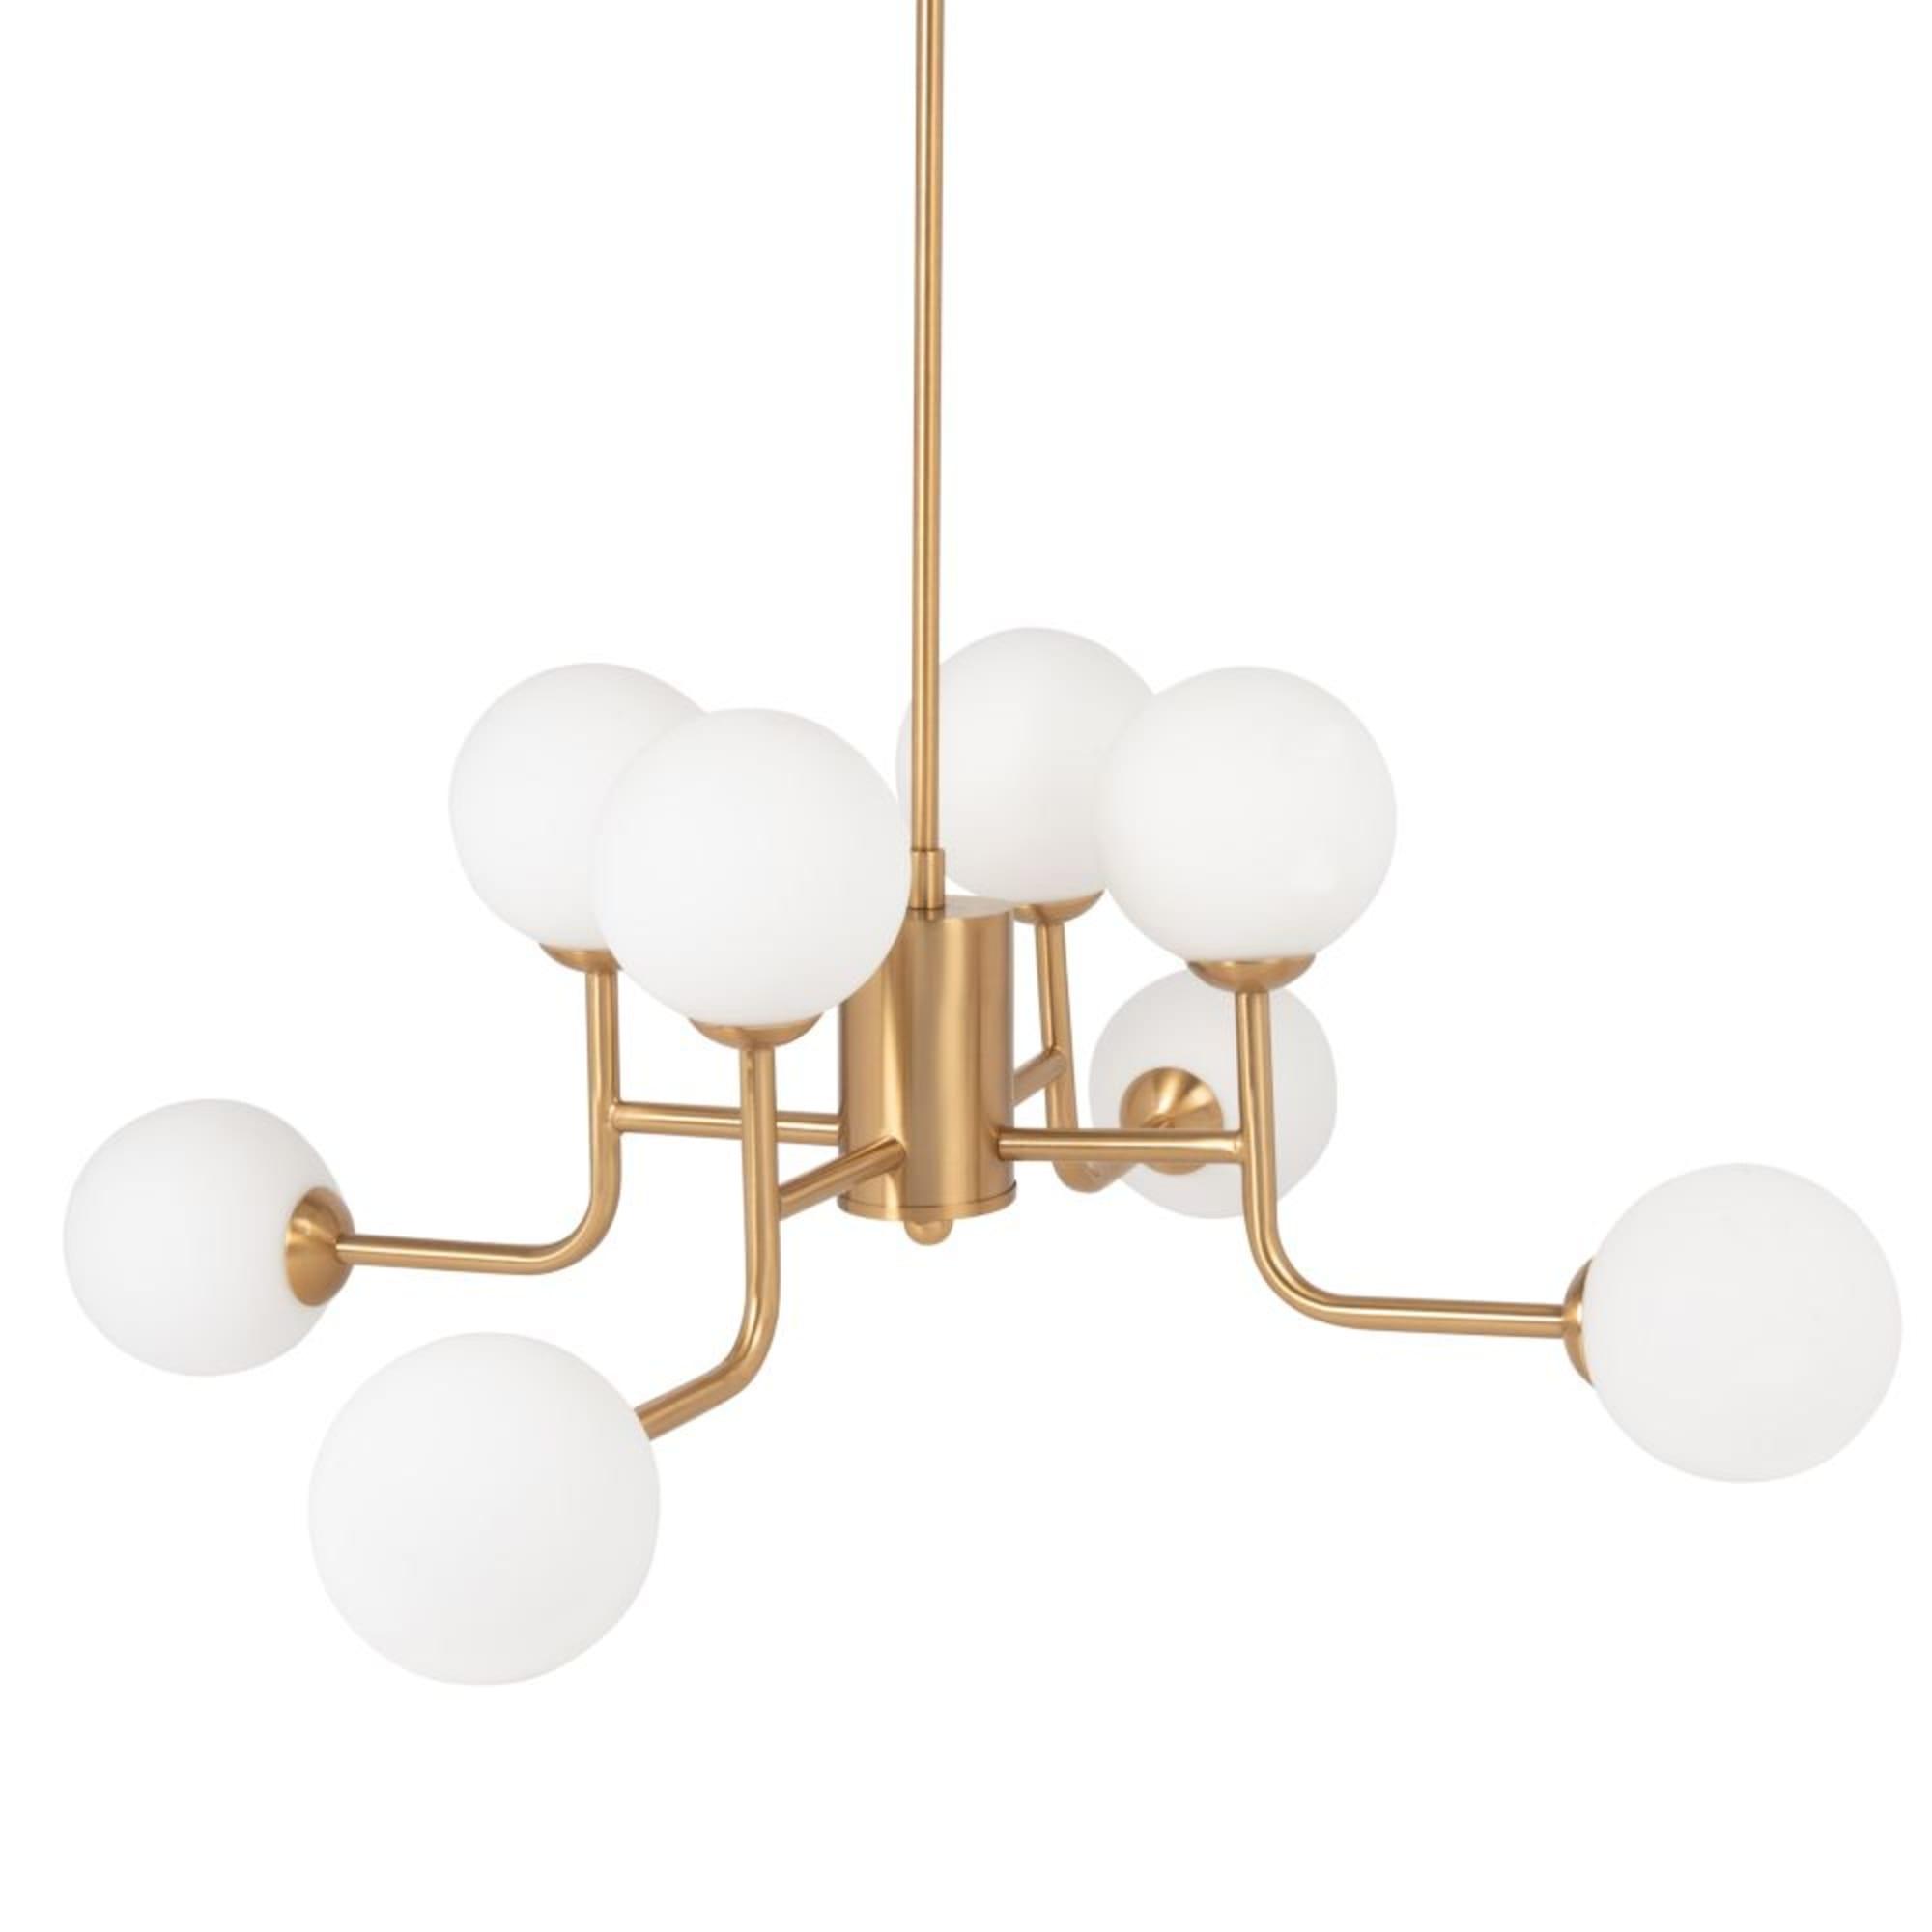 Lámpara de techo de metal dorado con 8 bolas de cristal blanco.